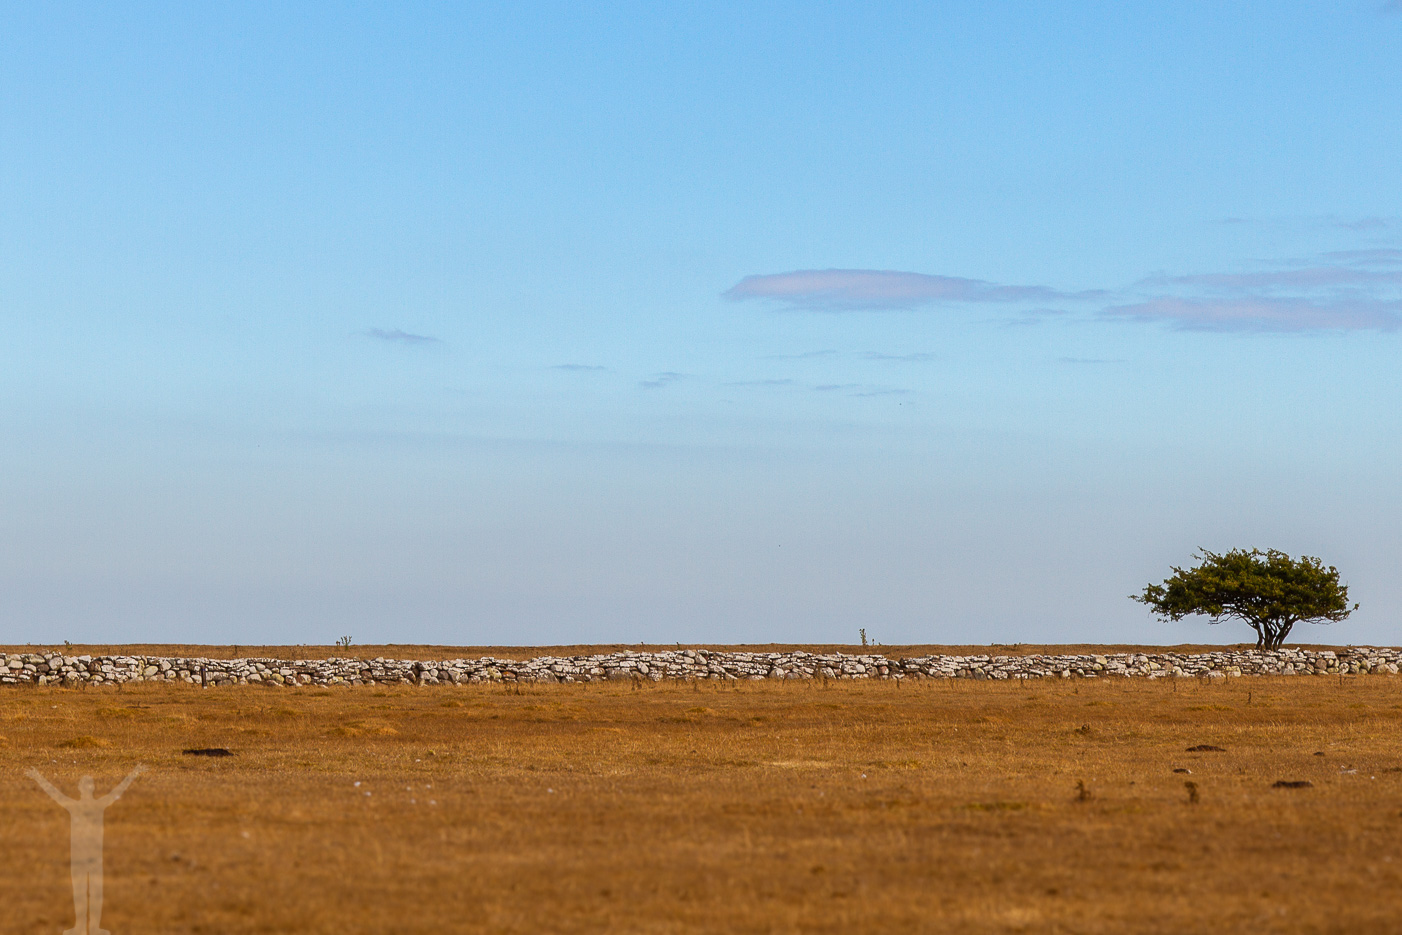 Södra Ölands Udde